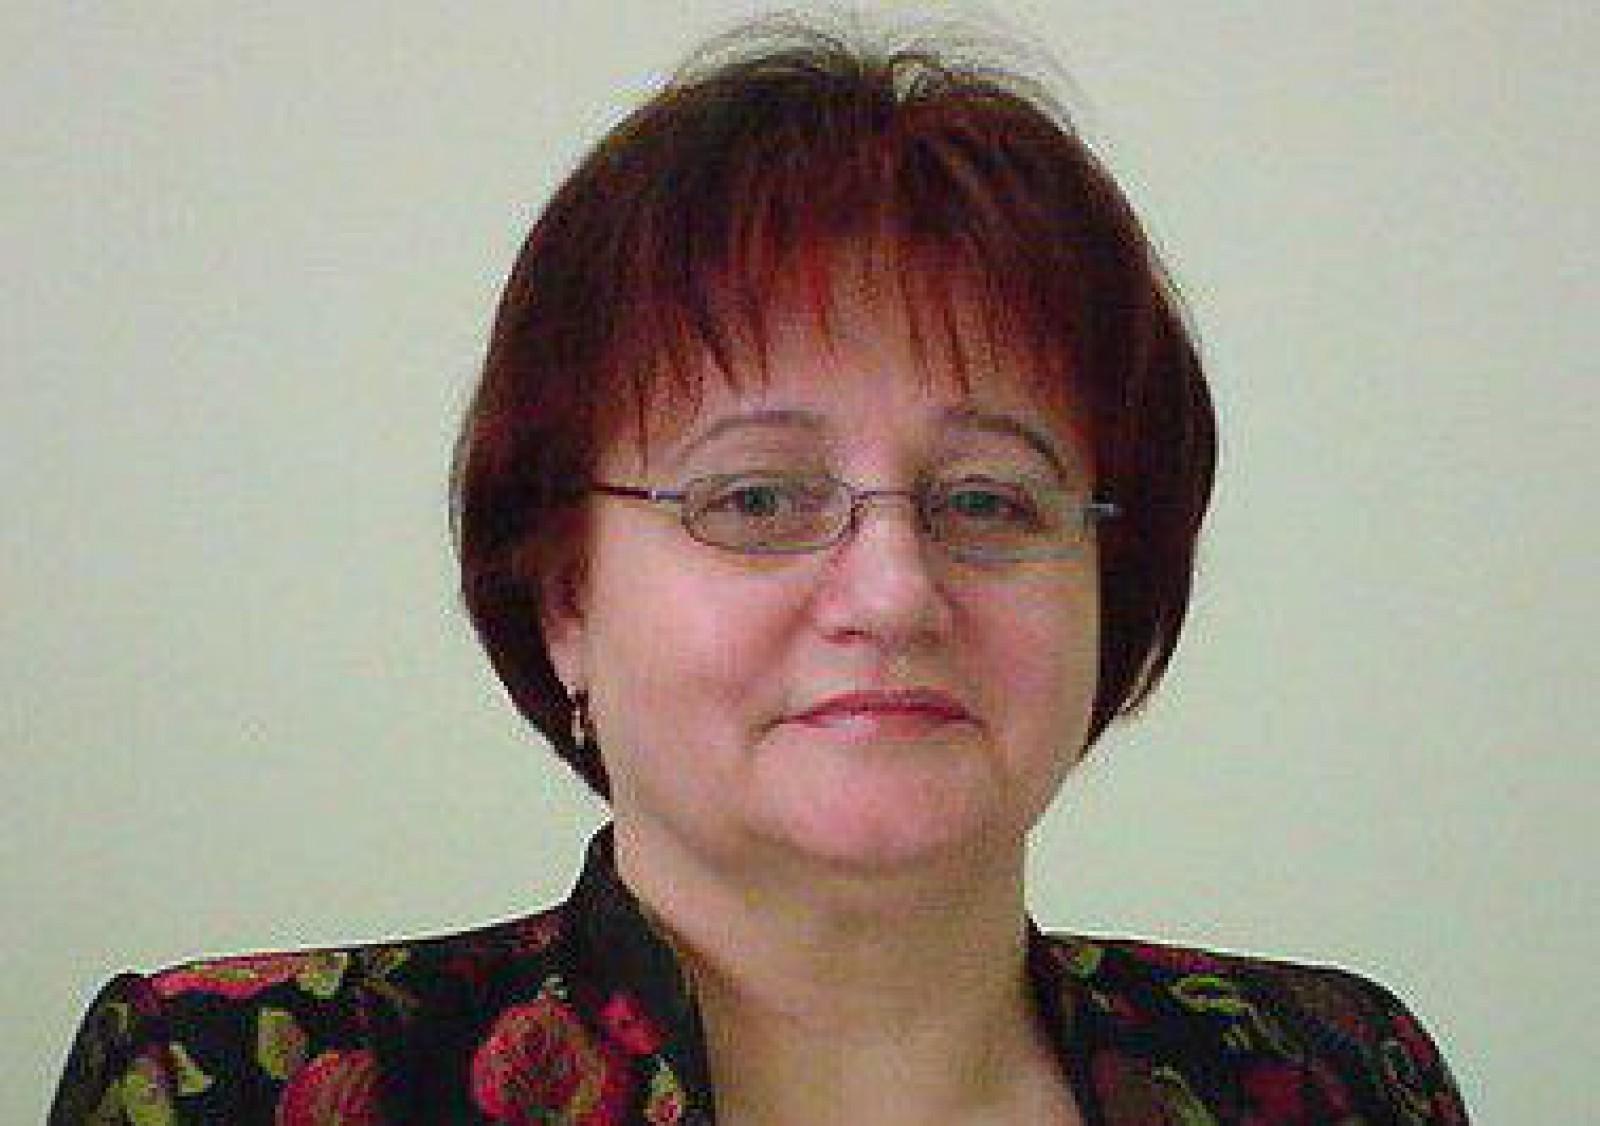 Parlamentul a acceptat demisia judecătoarei CSJ, Iuliana Oprea. Cu mandatul expirat din aprilie, magistrata a participat și la procesul de invalidare al alegerilor